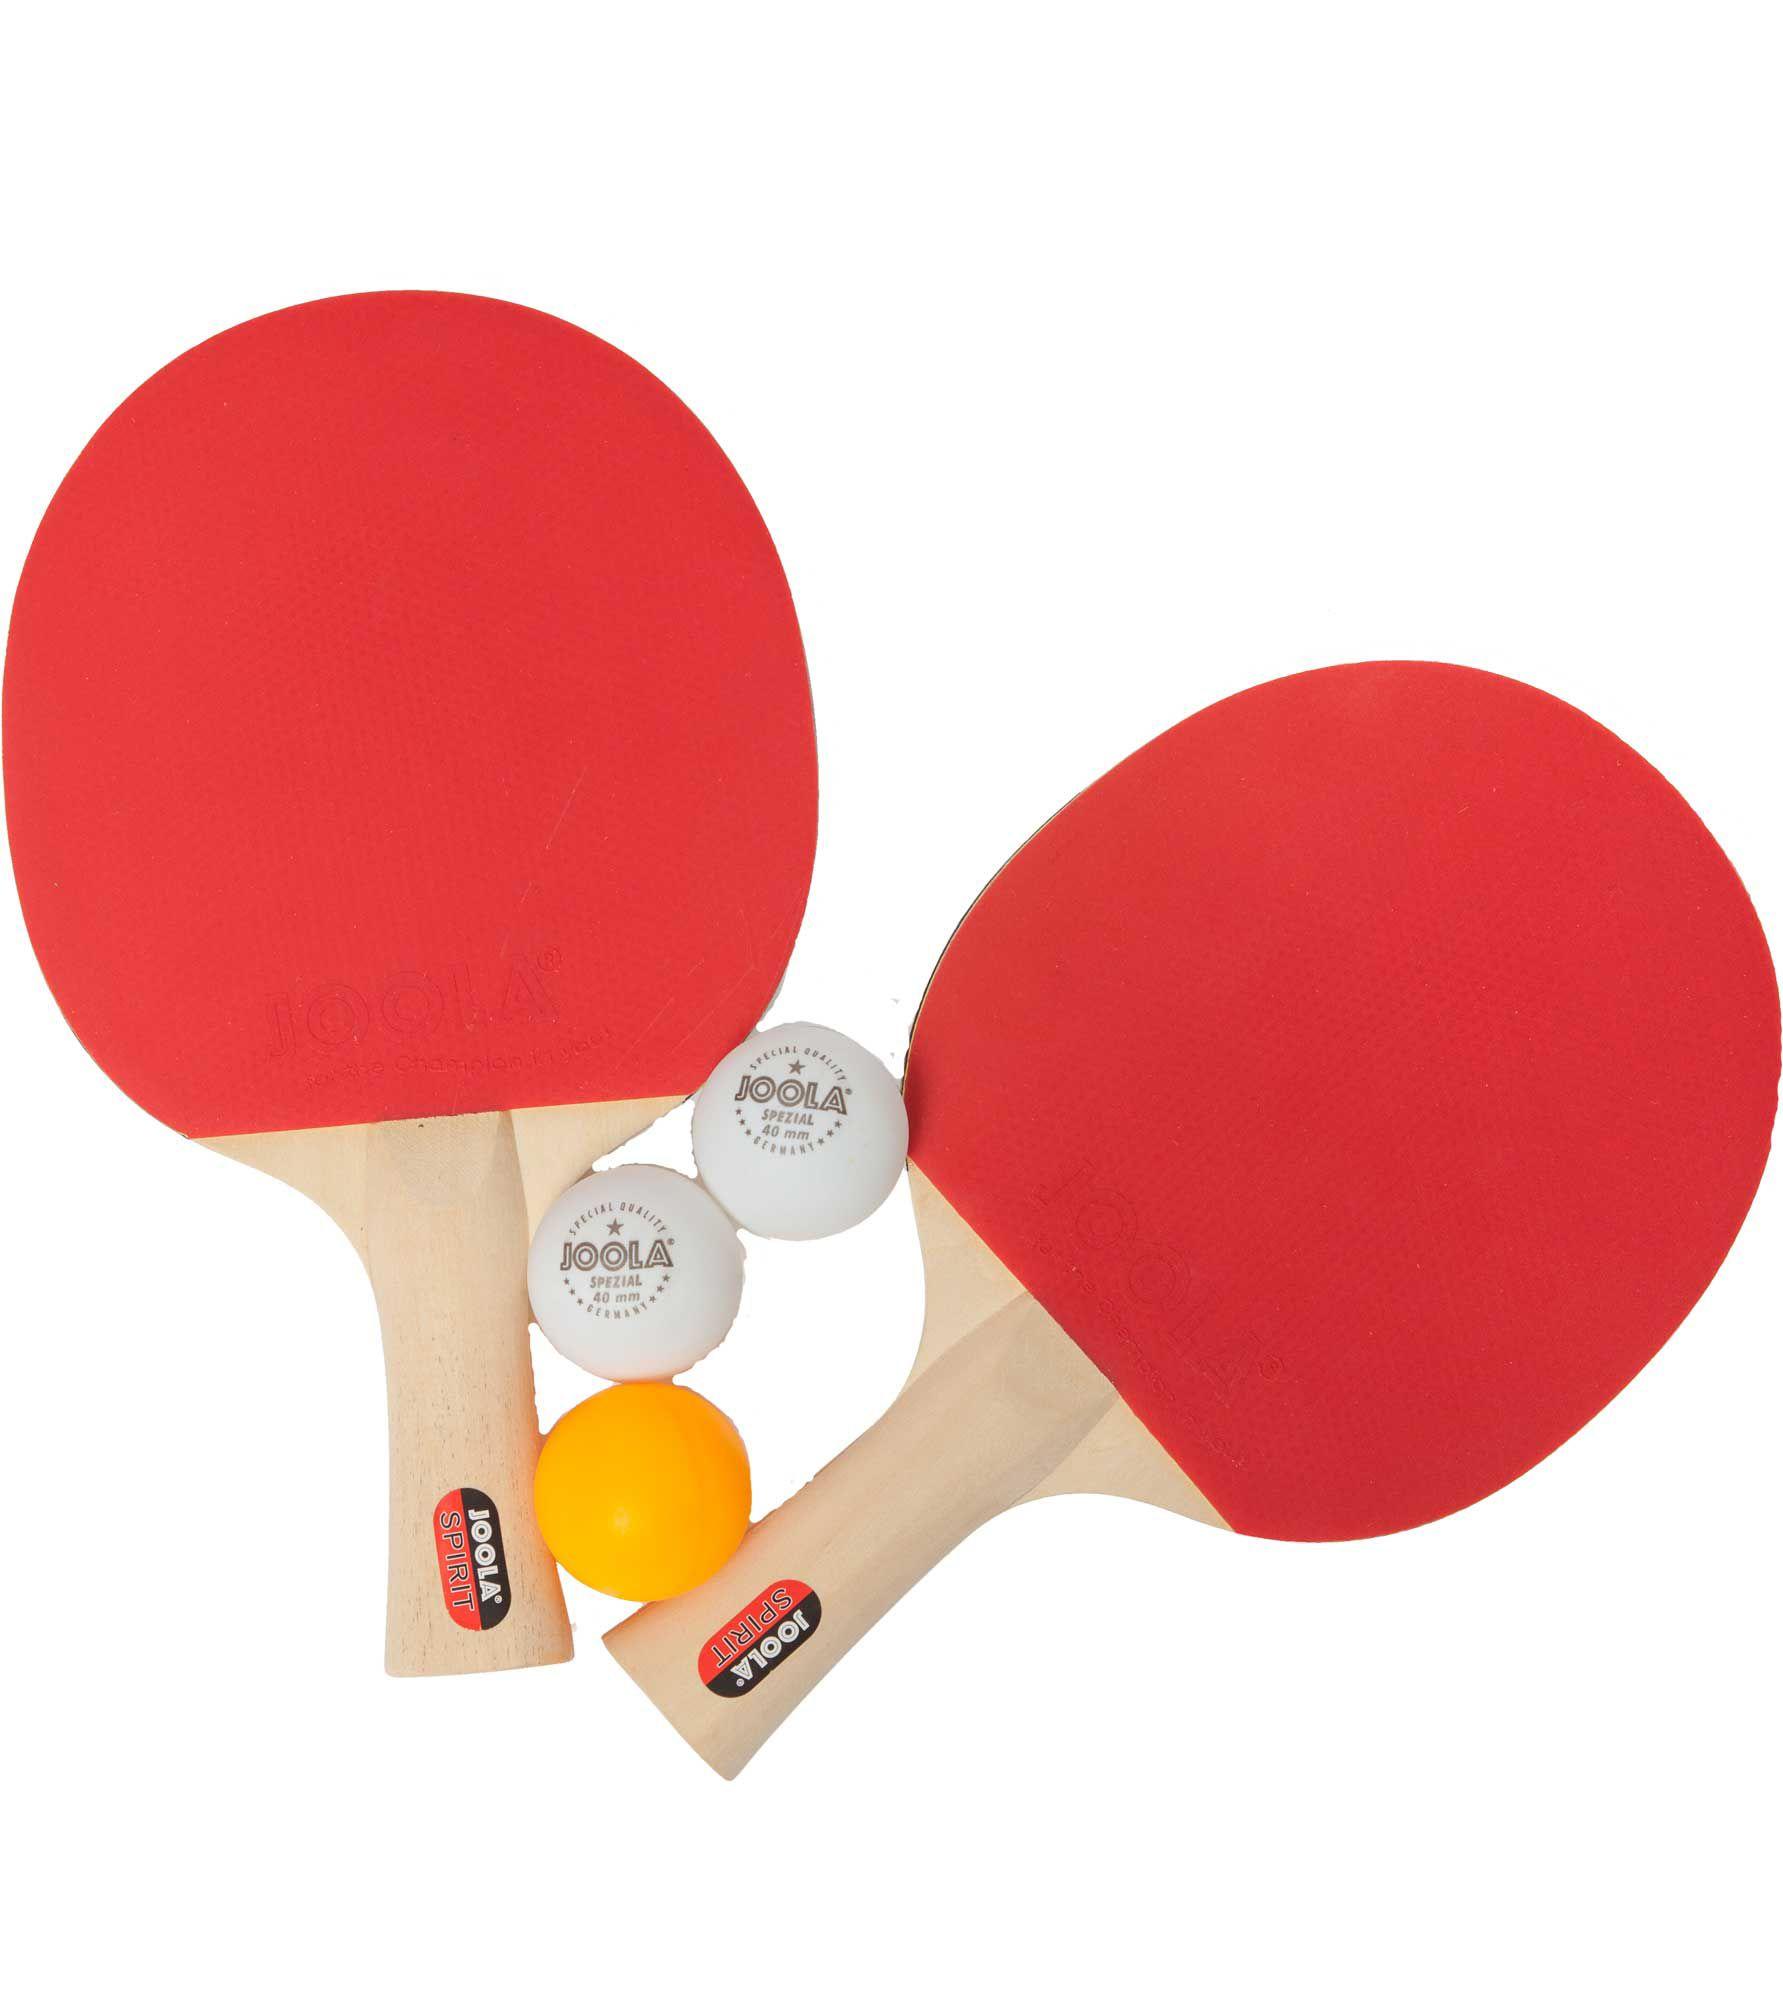 Sport Squad JOOLA Table Tennis Spirit Racket Set, orange